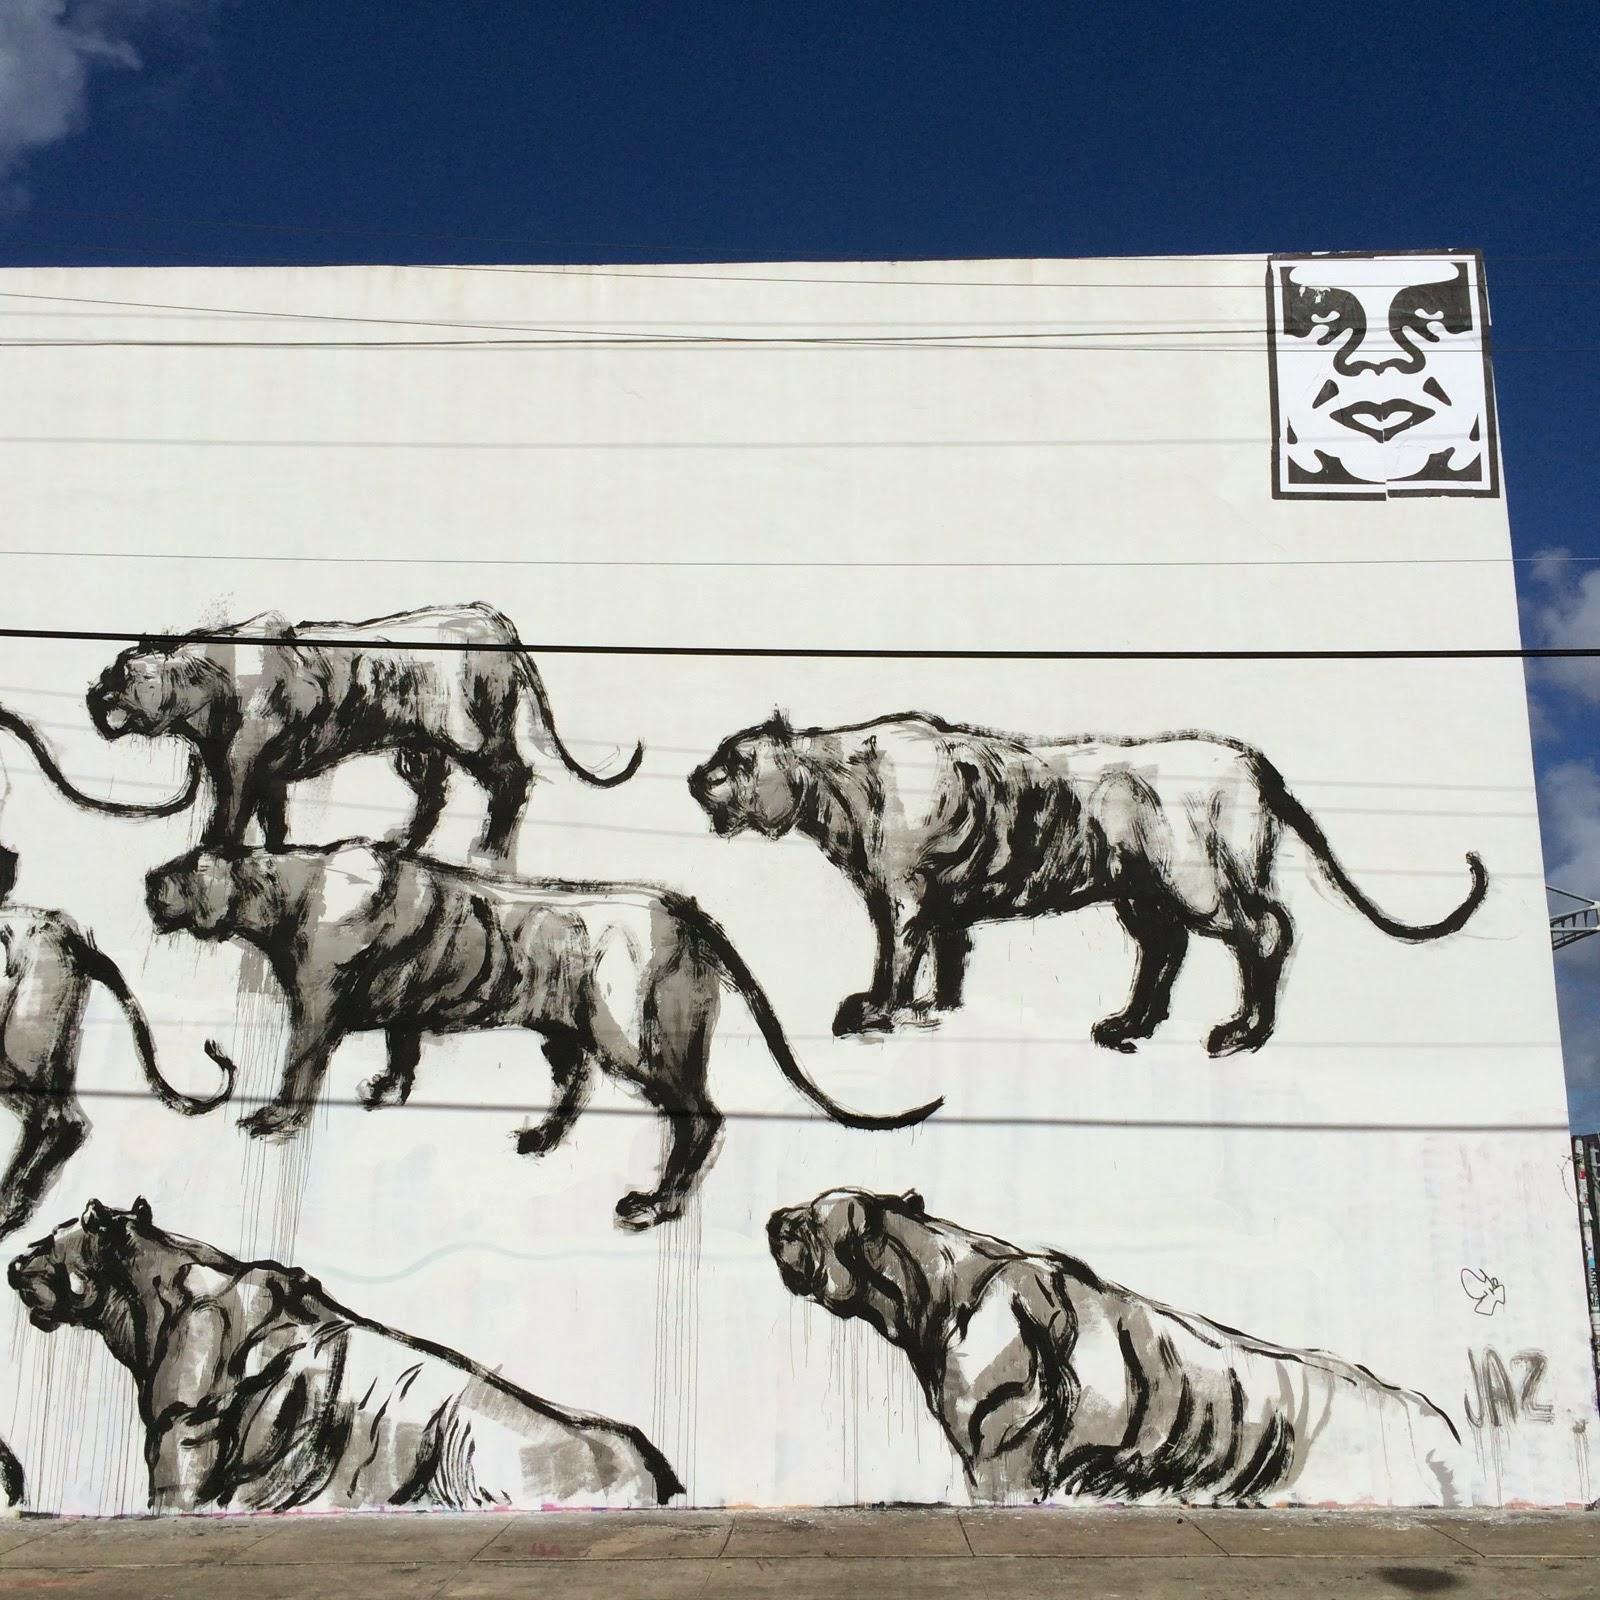 jaz-miami-new-mural-for-art-basel-2013-07